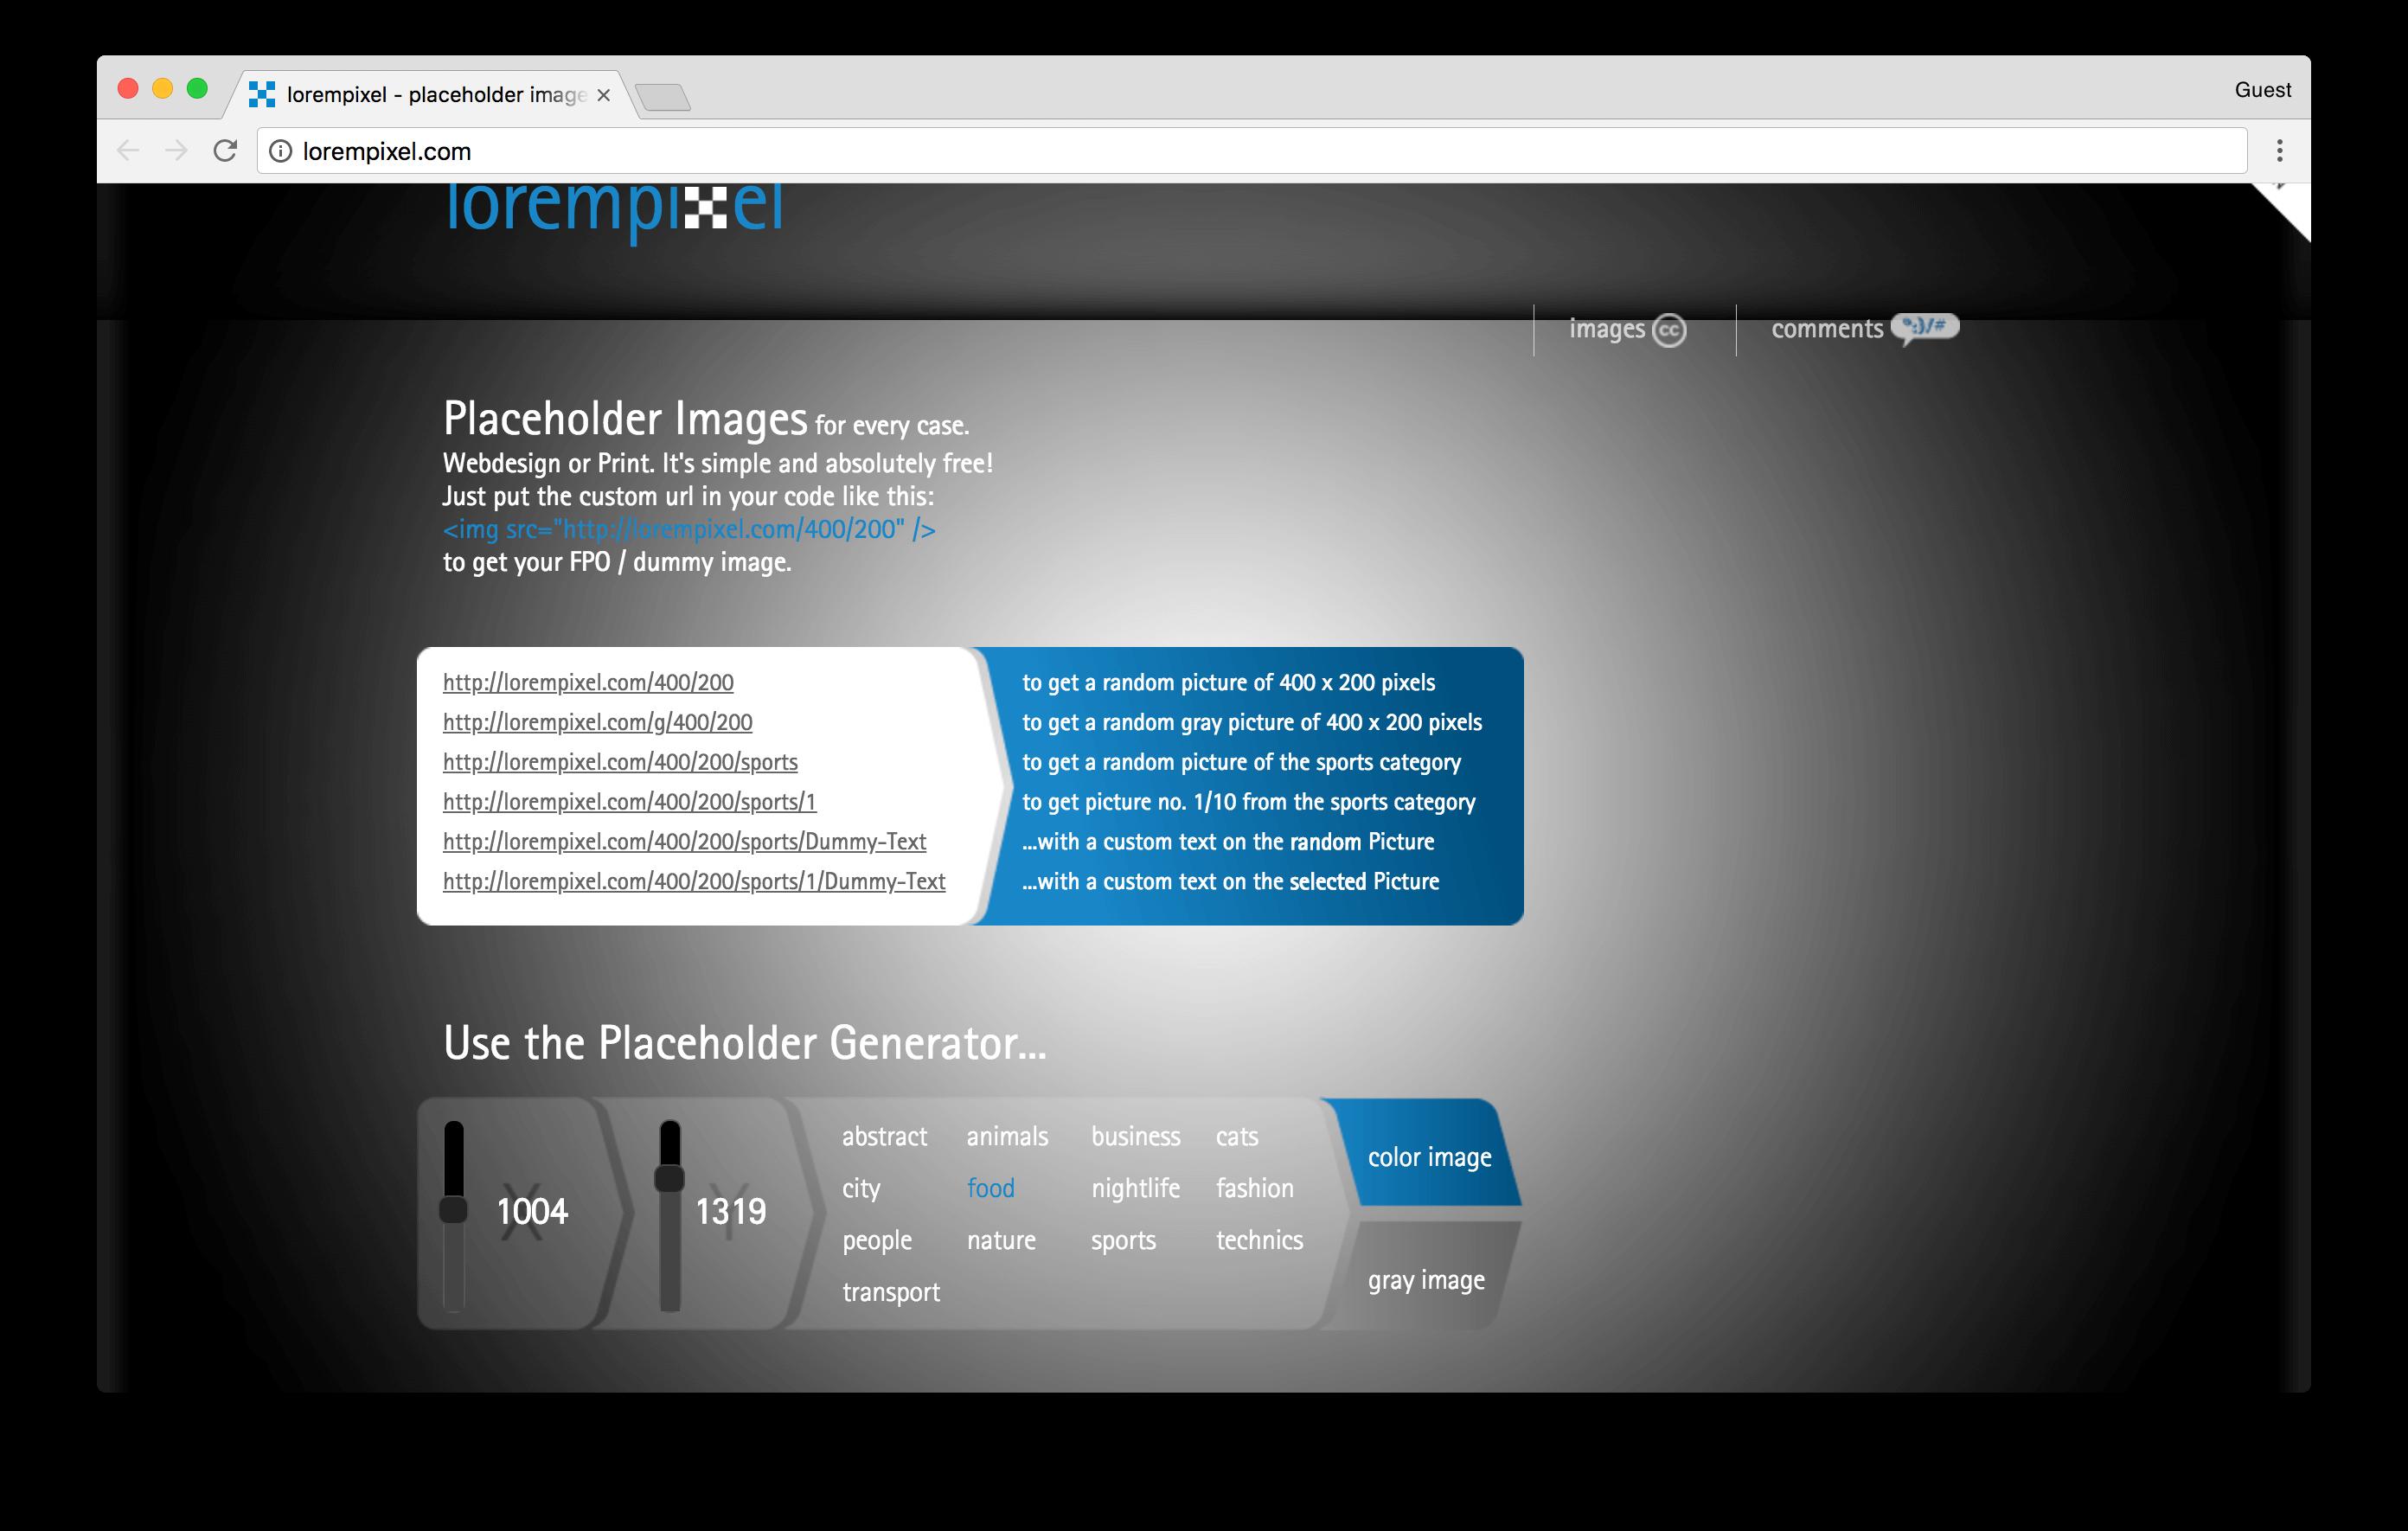 lorempixel.com